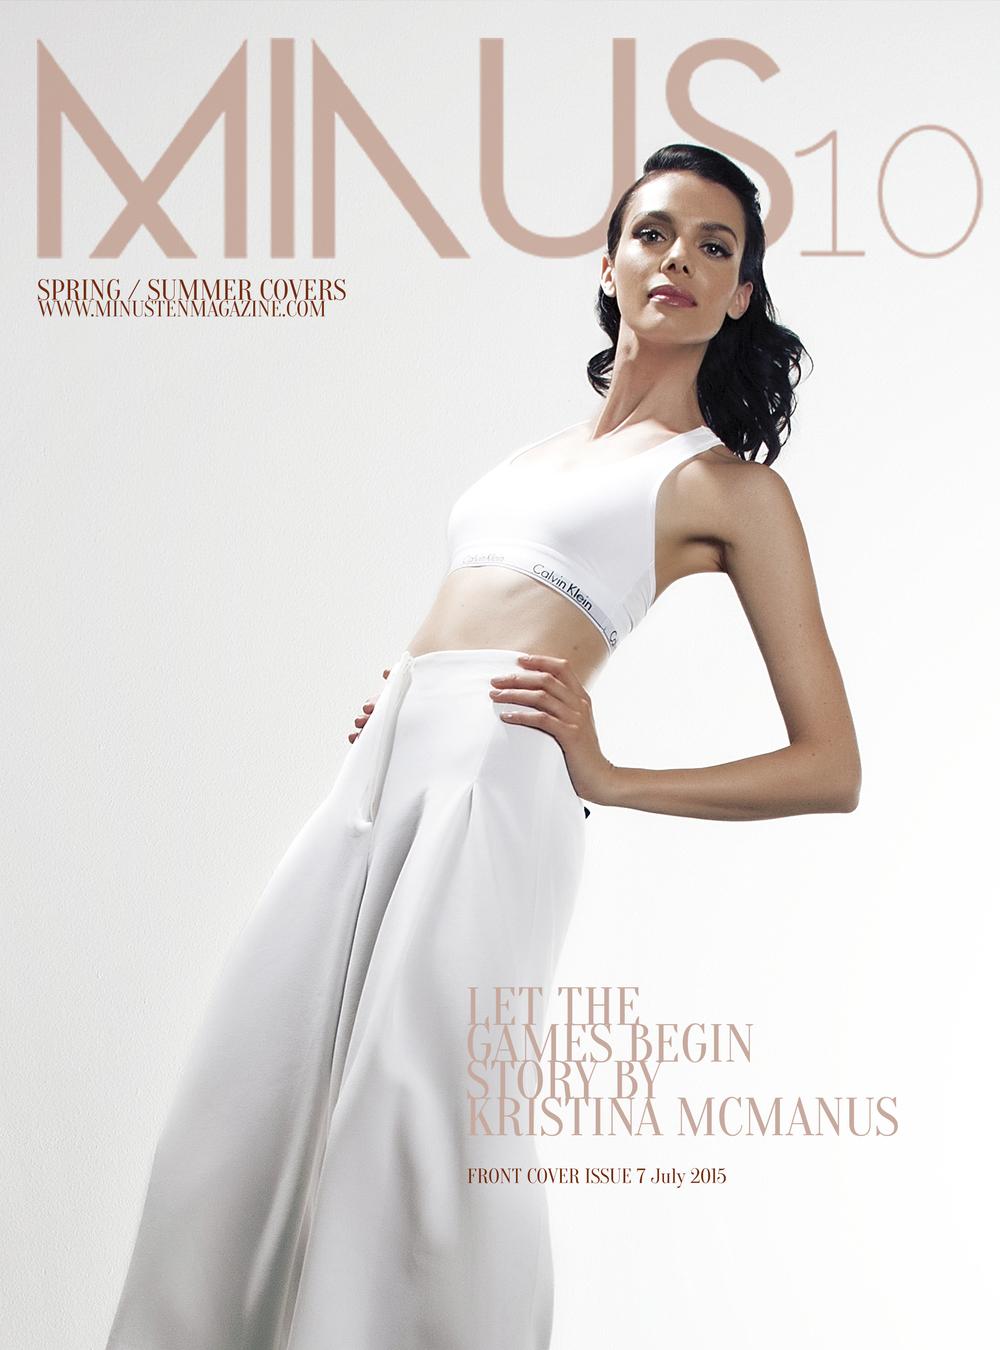 Minus10magazine _Cover_MCMANUS.jpg